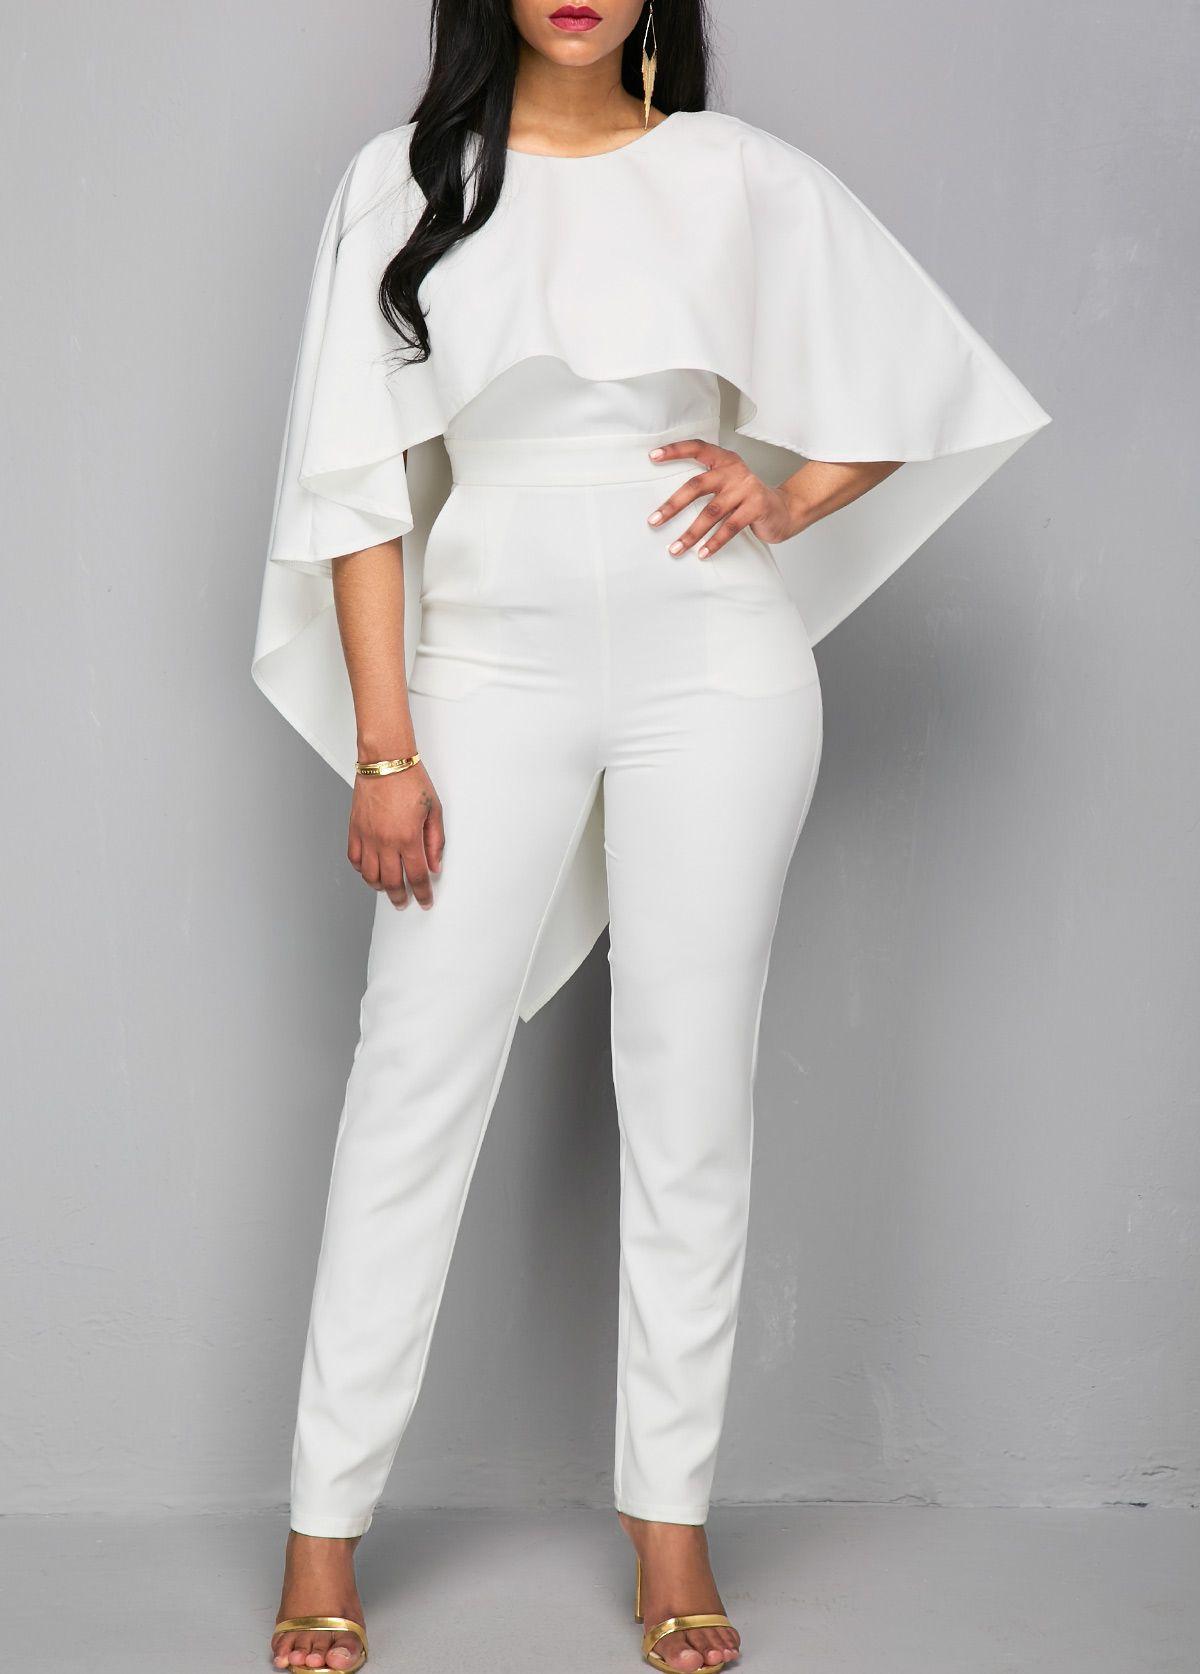 6c7d3aae848 V Back Zipper Closure White Cloak Jumpsuit